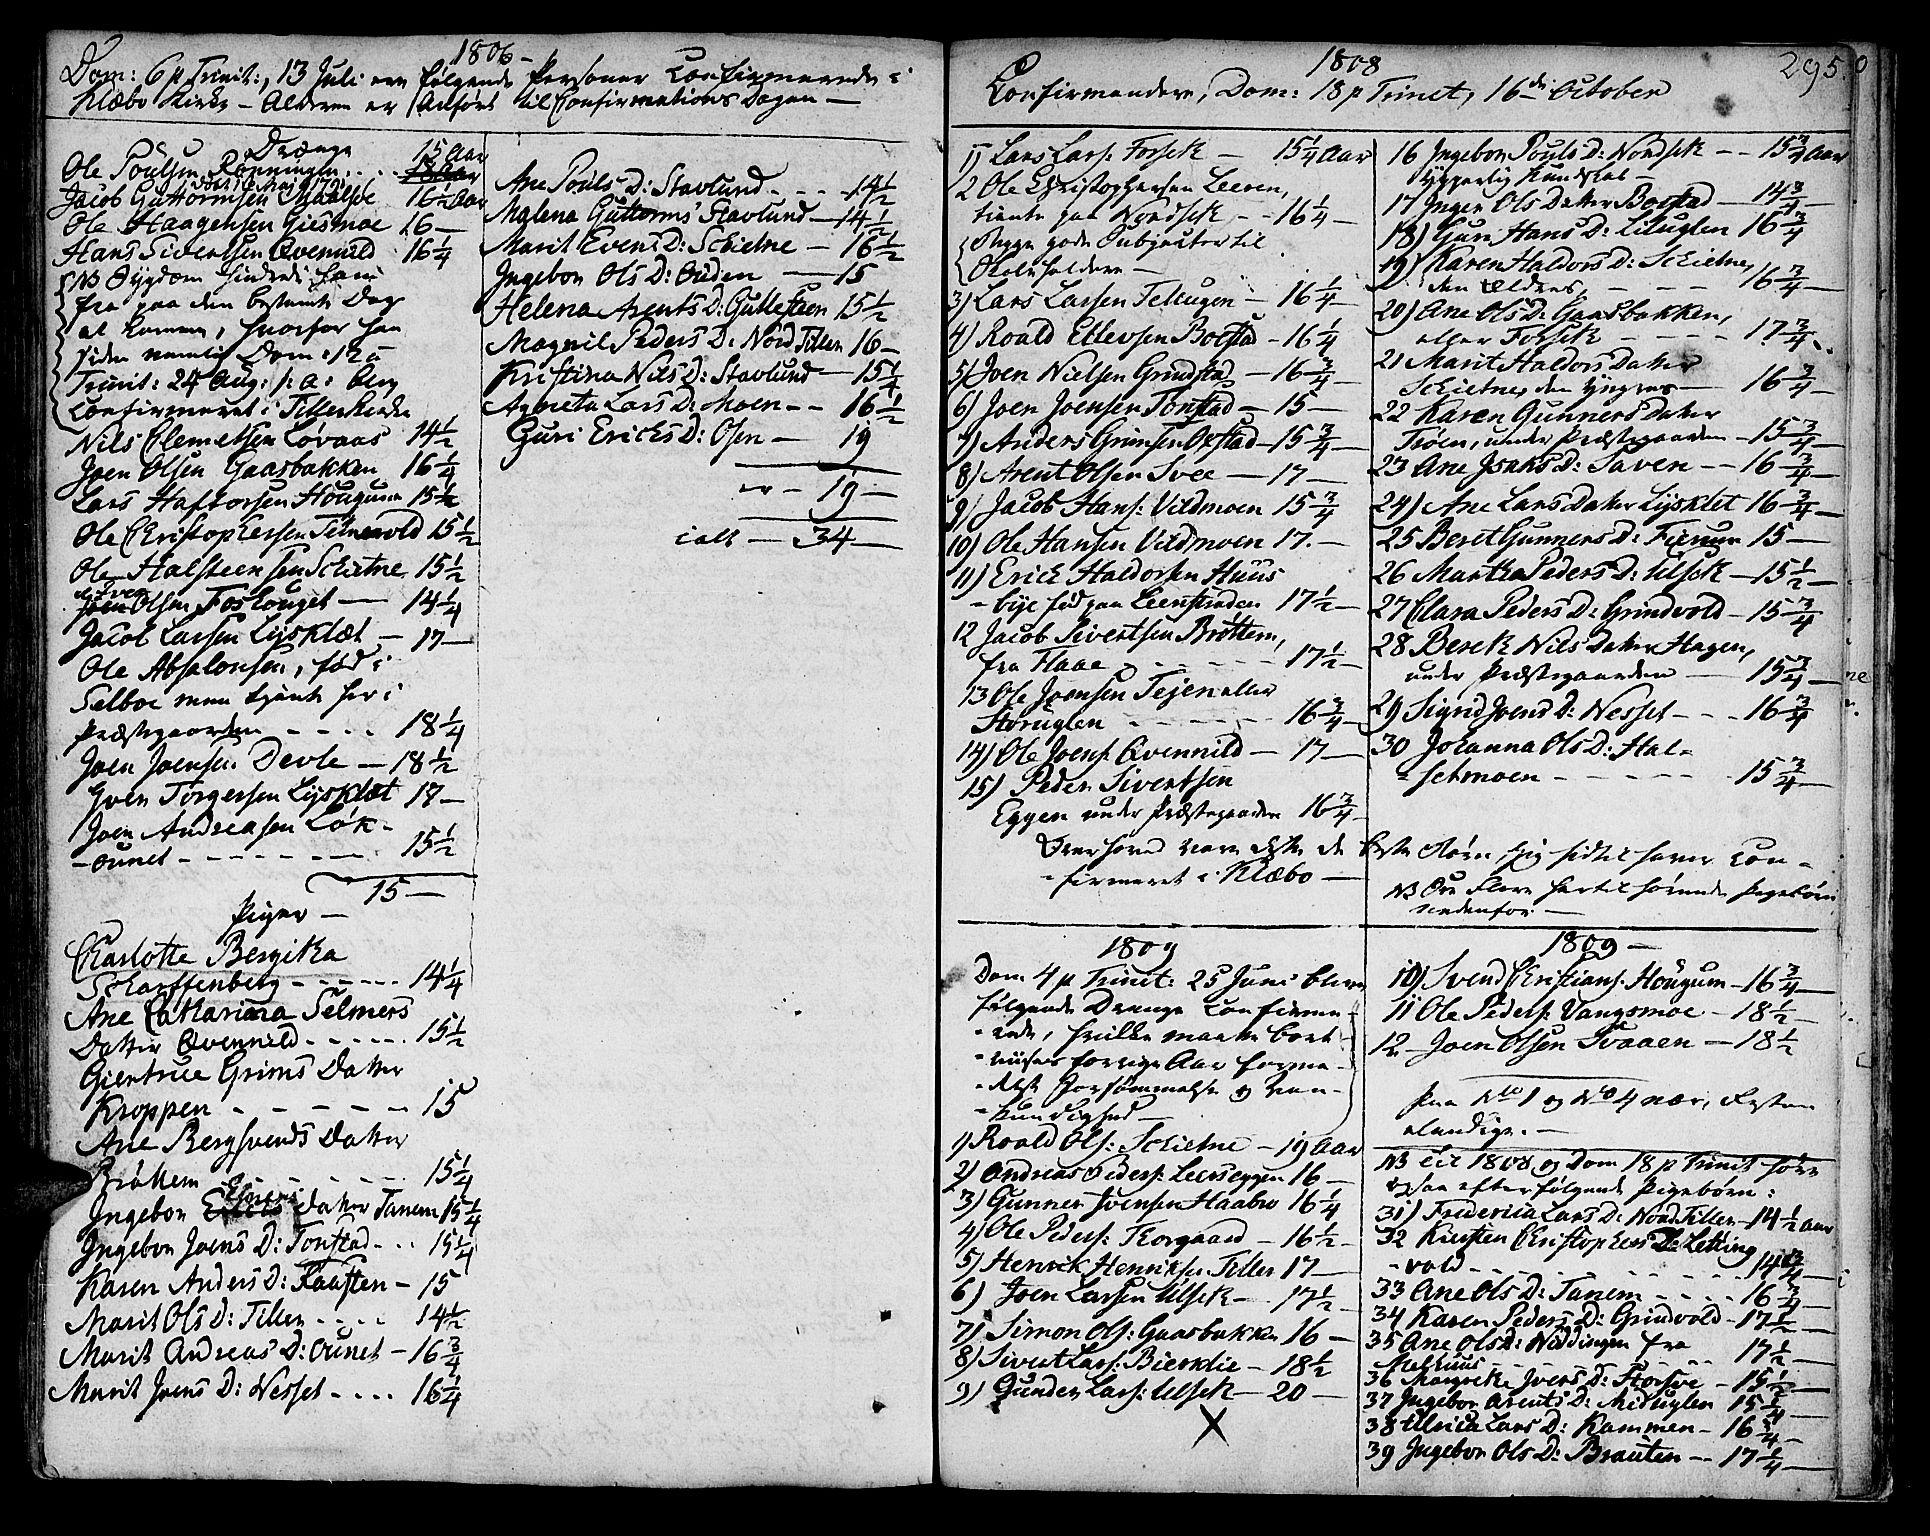 SAT, Ministerialprotokoller, klokkerbøker og fødselsregistre - Sør-Trøndelag, 618/L0438: Ministerialbok nr. 618A03, 1783-1815, s. 295